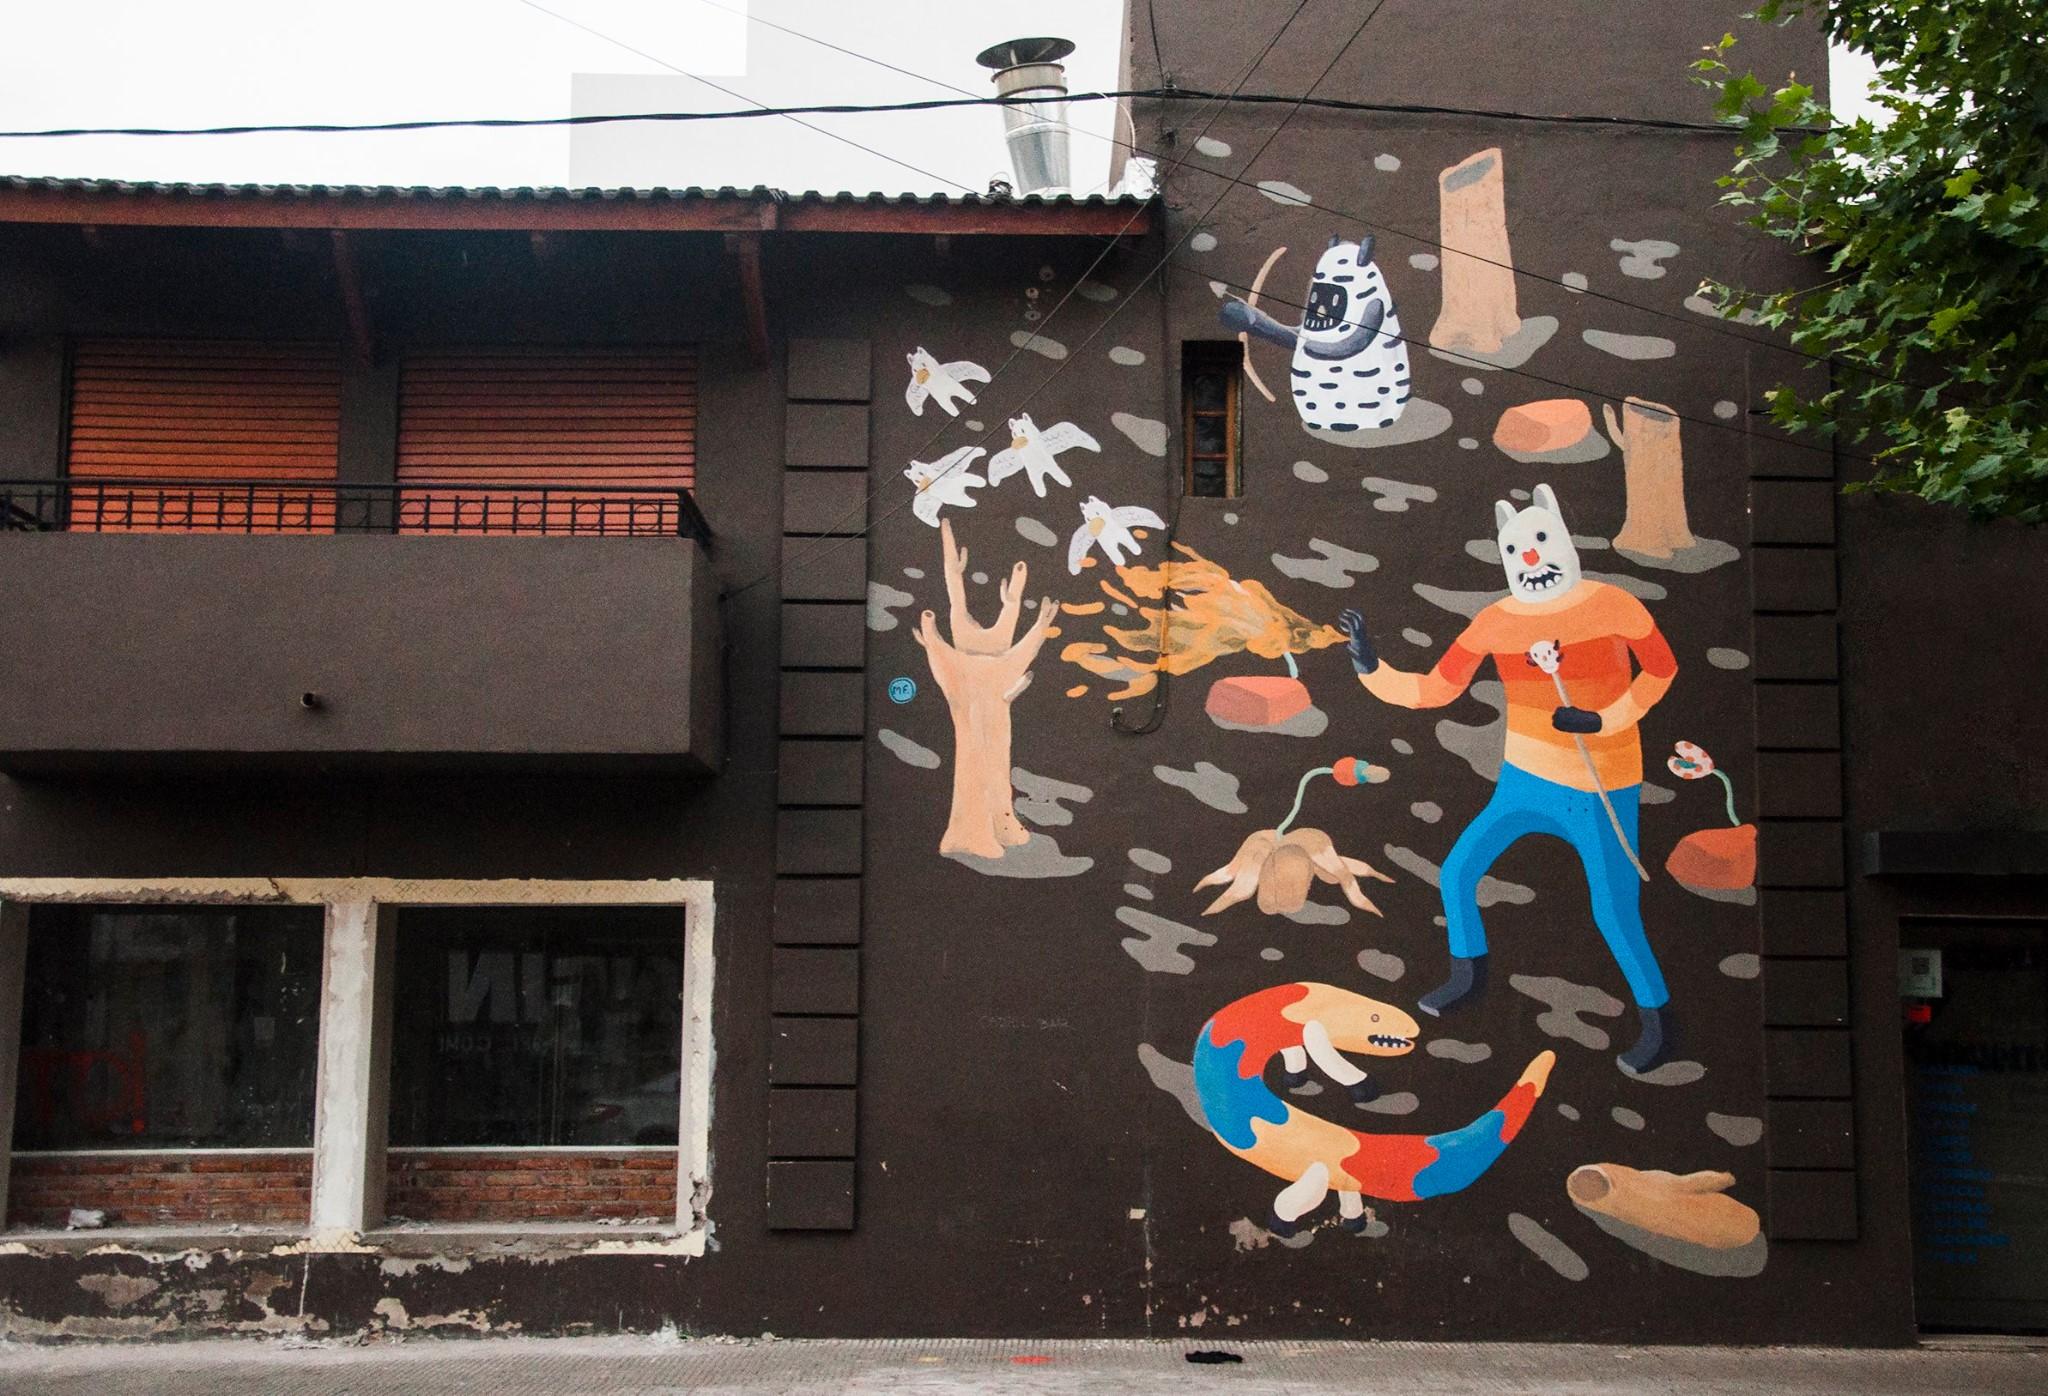 martin-ferreyra-new-mural-for-oficio-residence-06